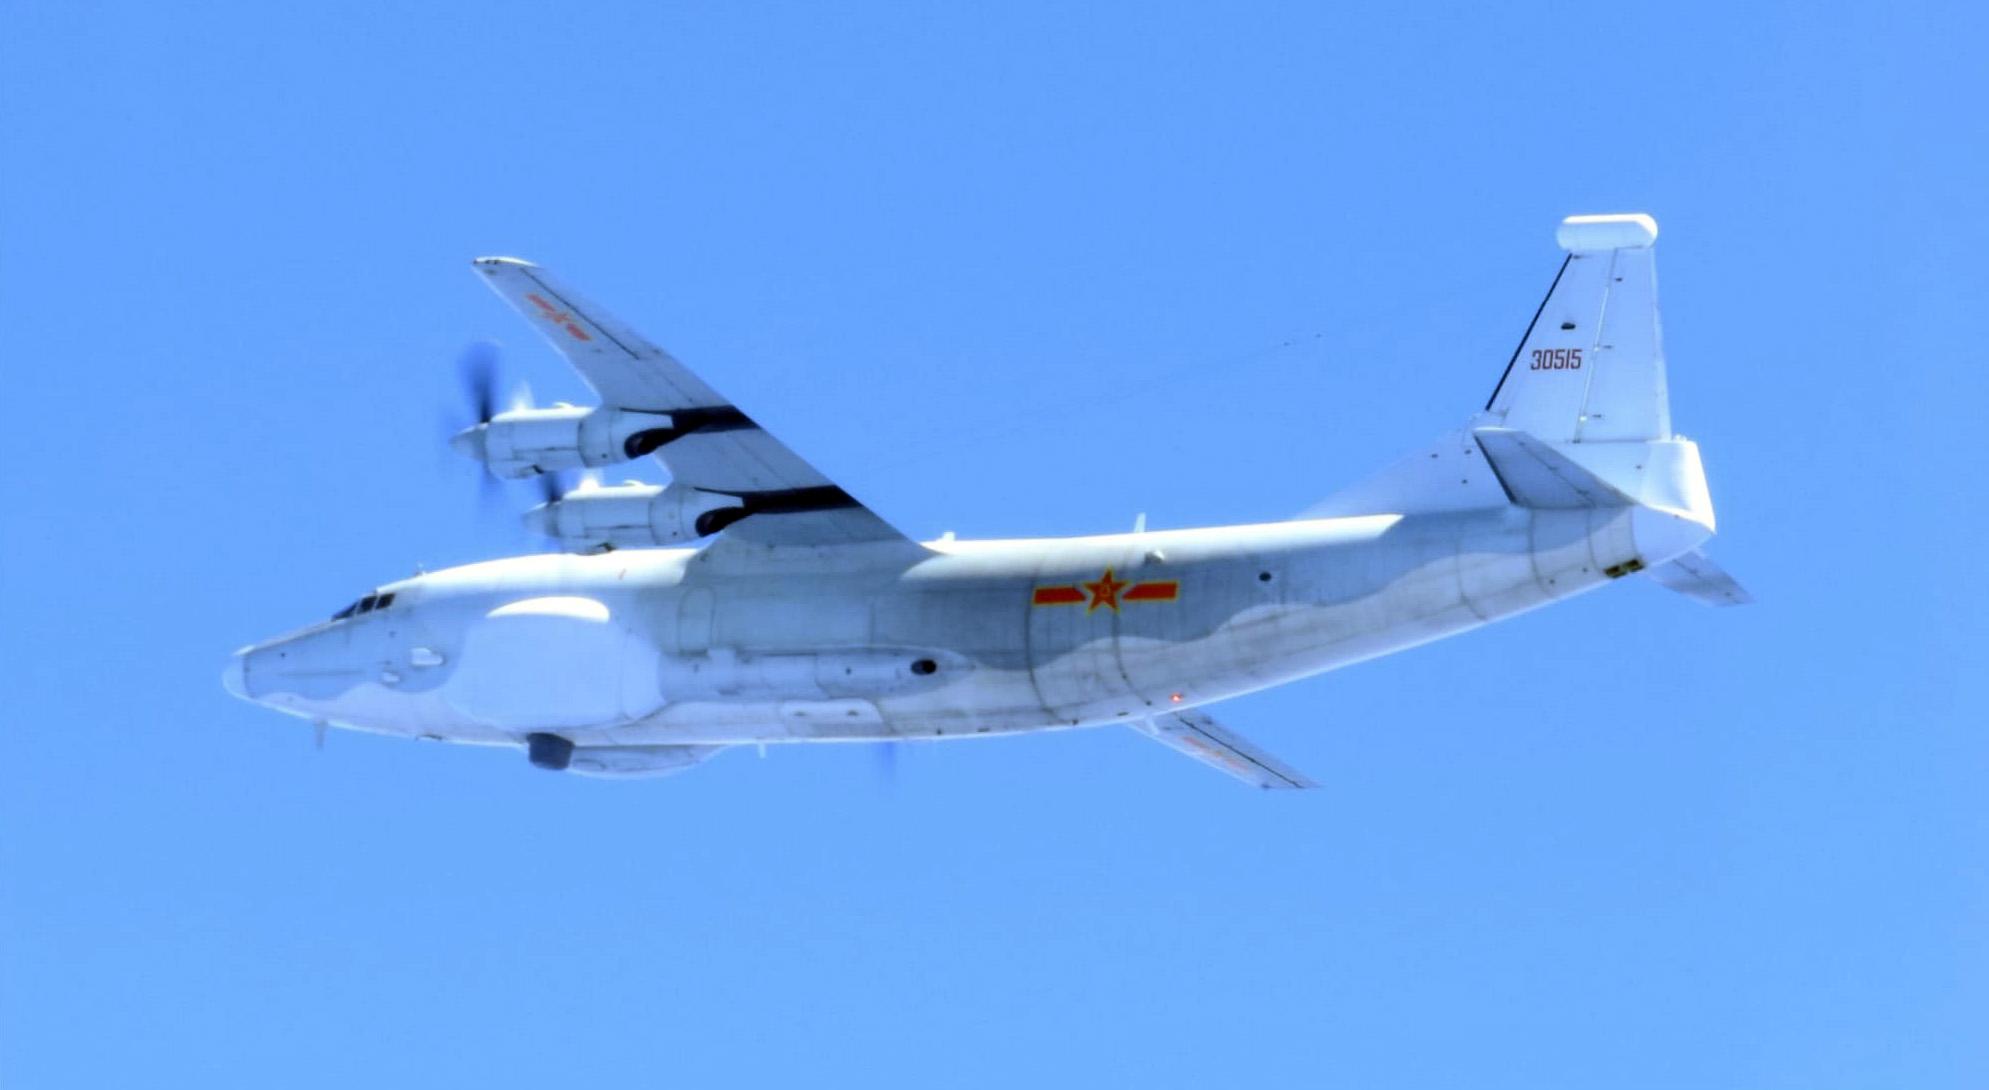 Defesa | Taiwan fabrica 66 aviões de treino avançado até 2026